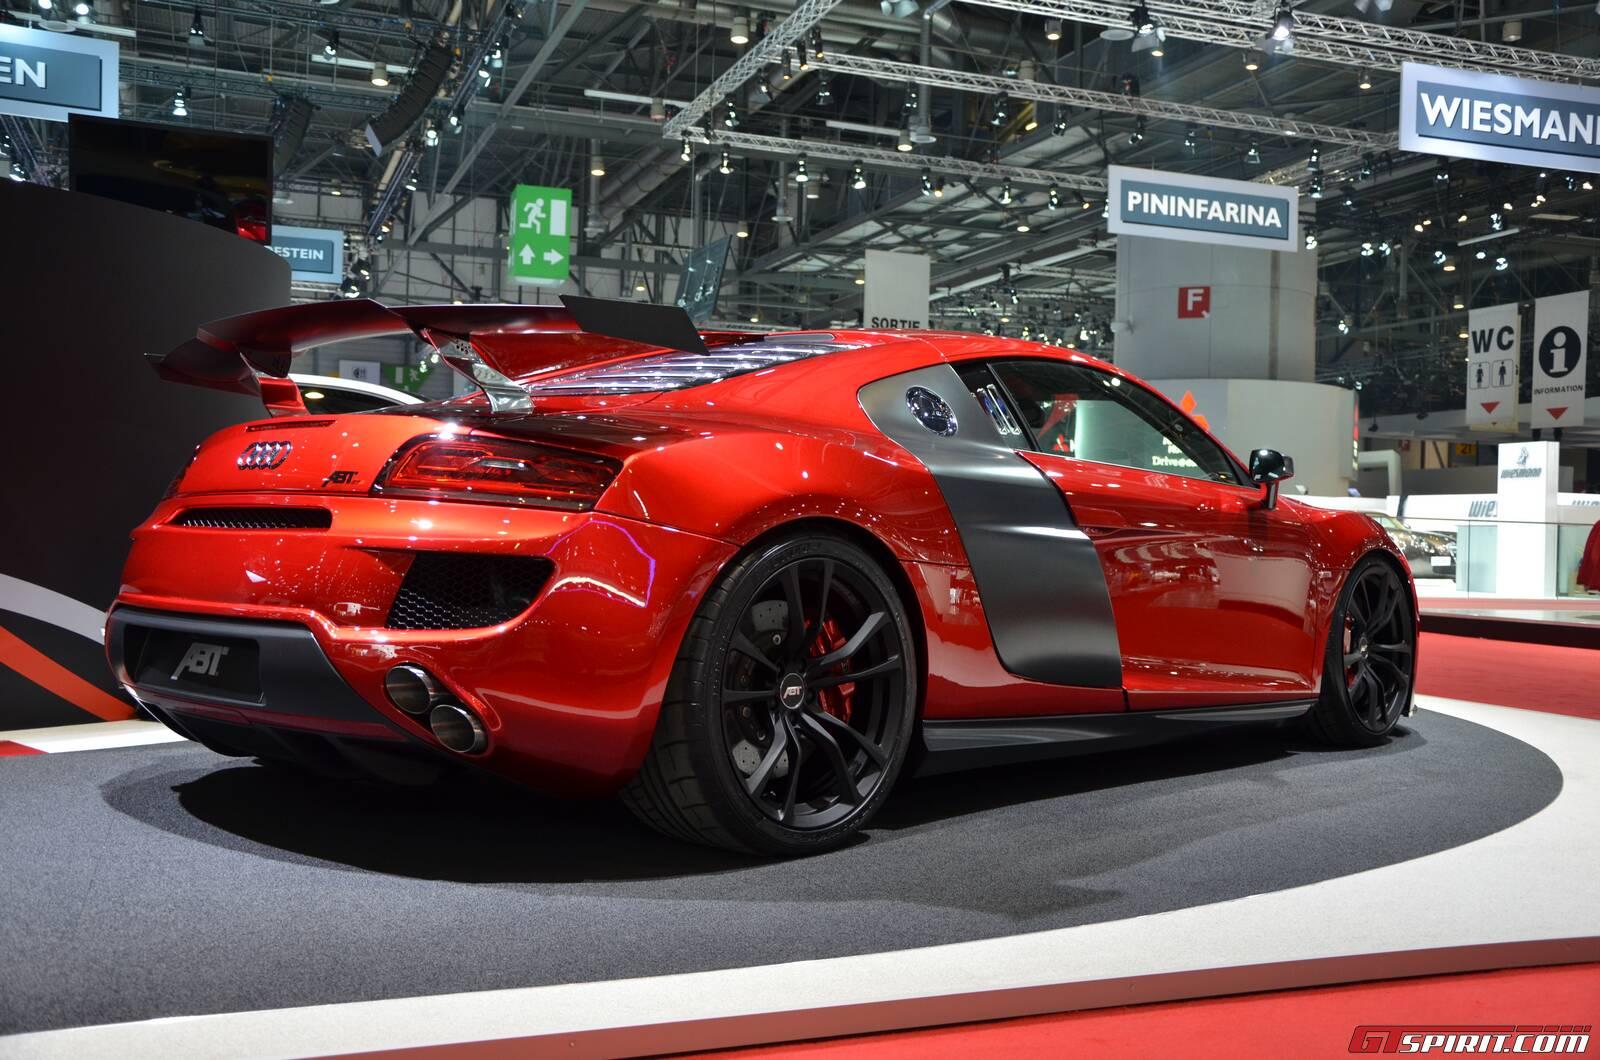 2013 Audi R8 V10 by ABT